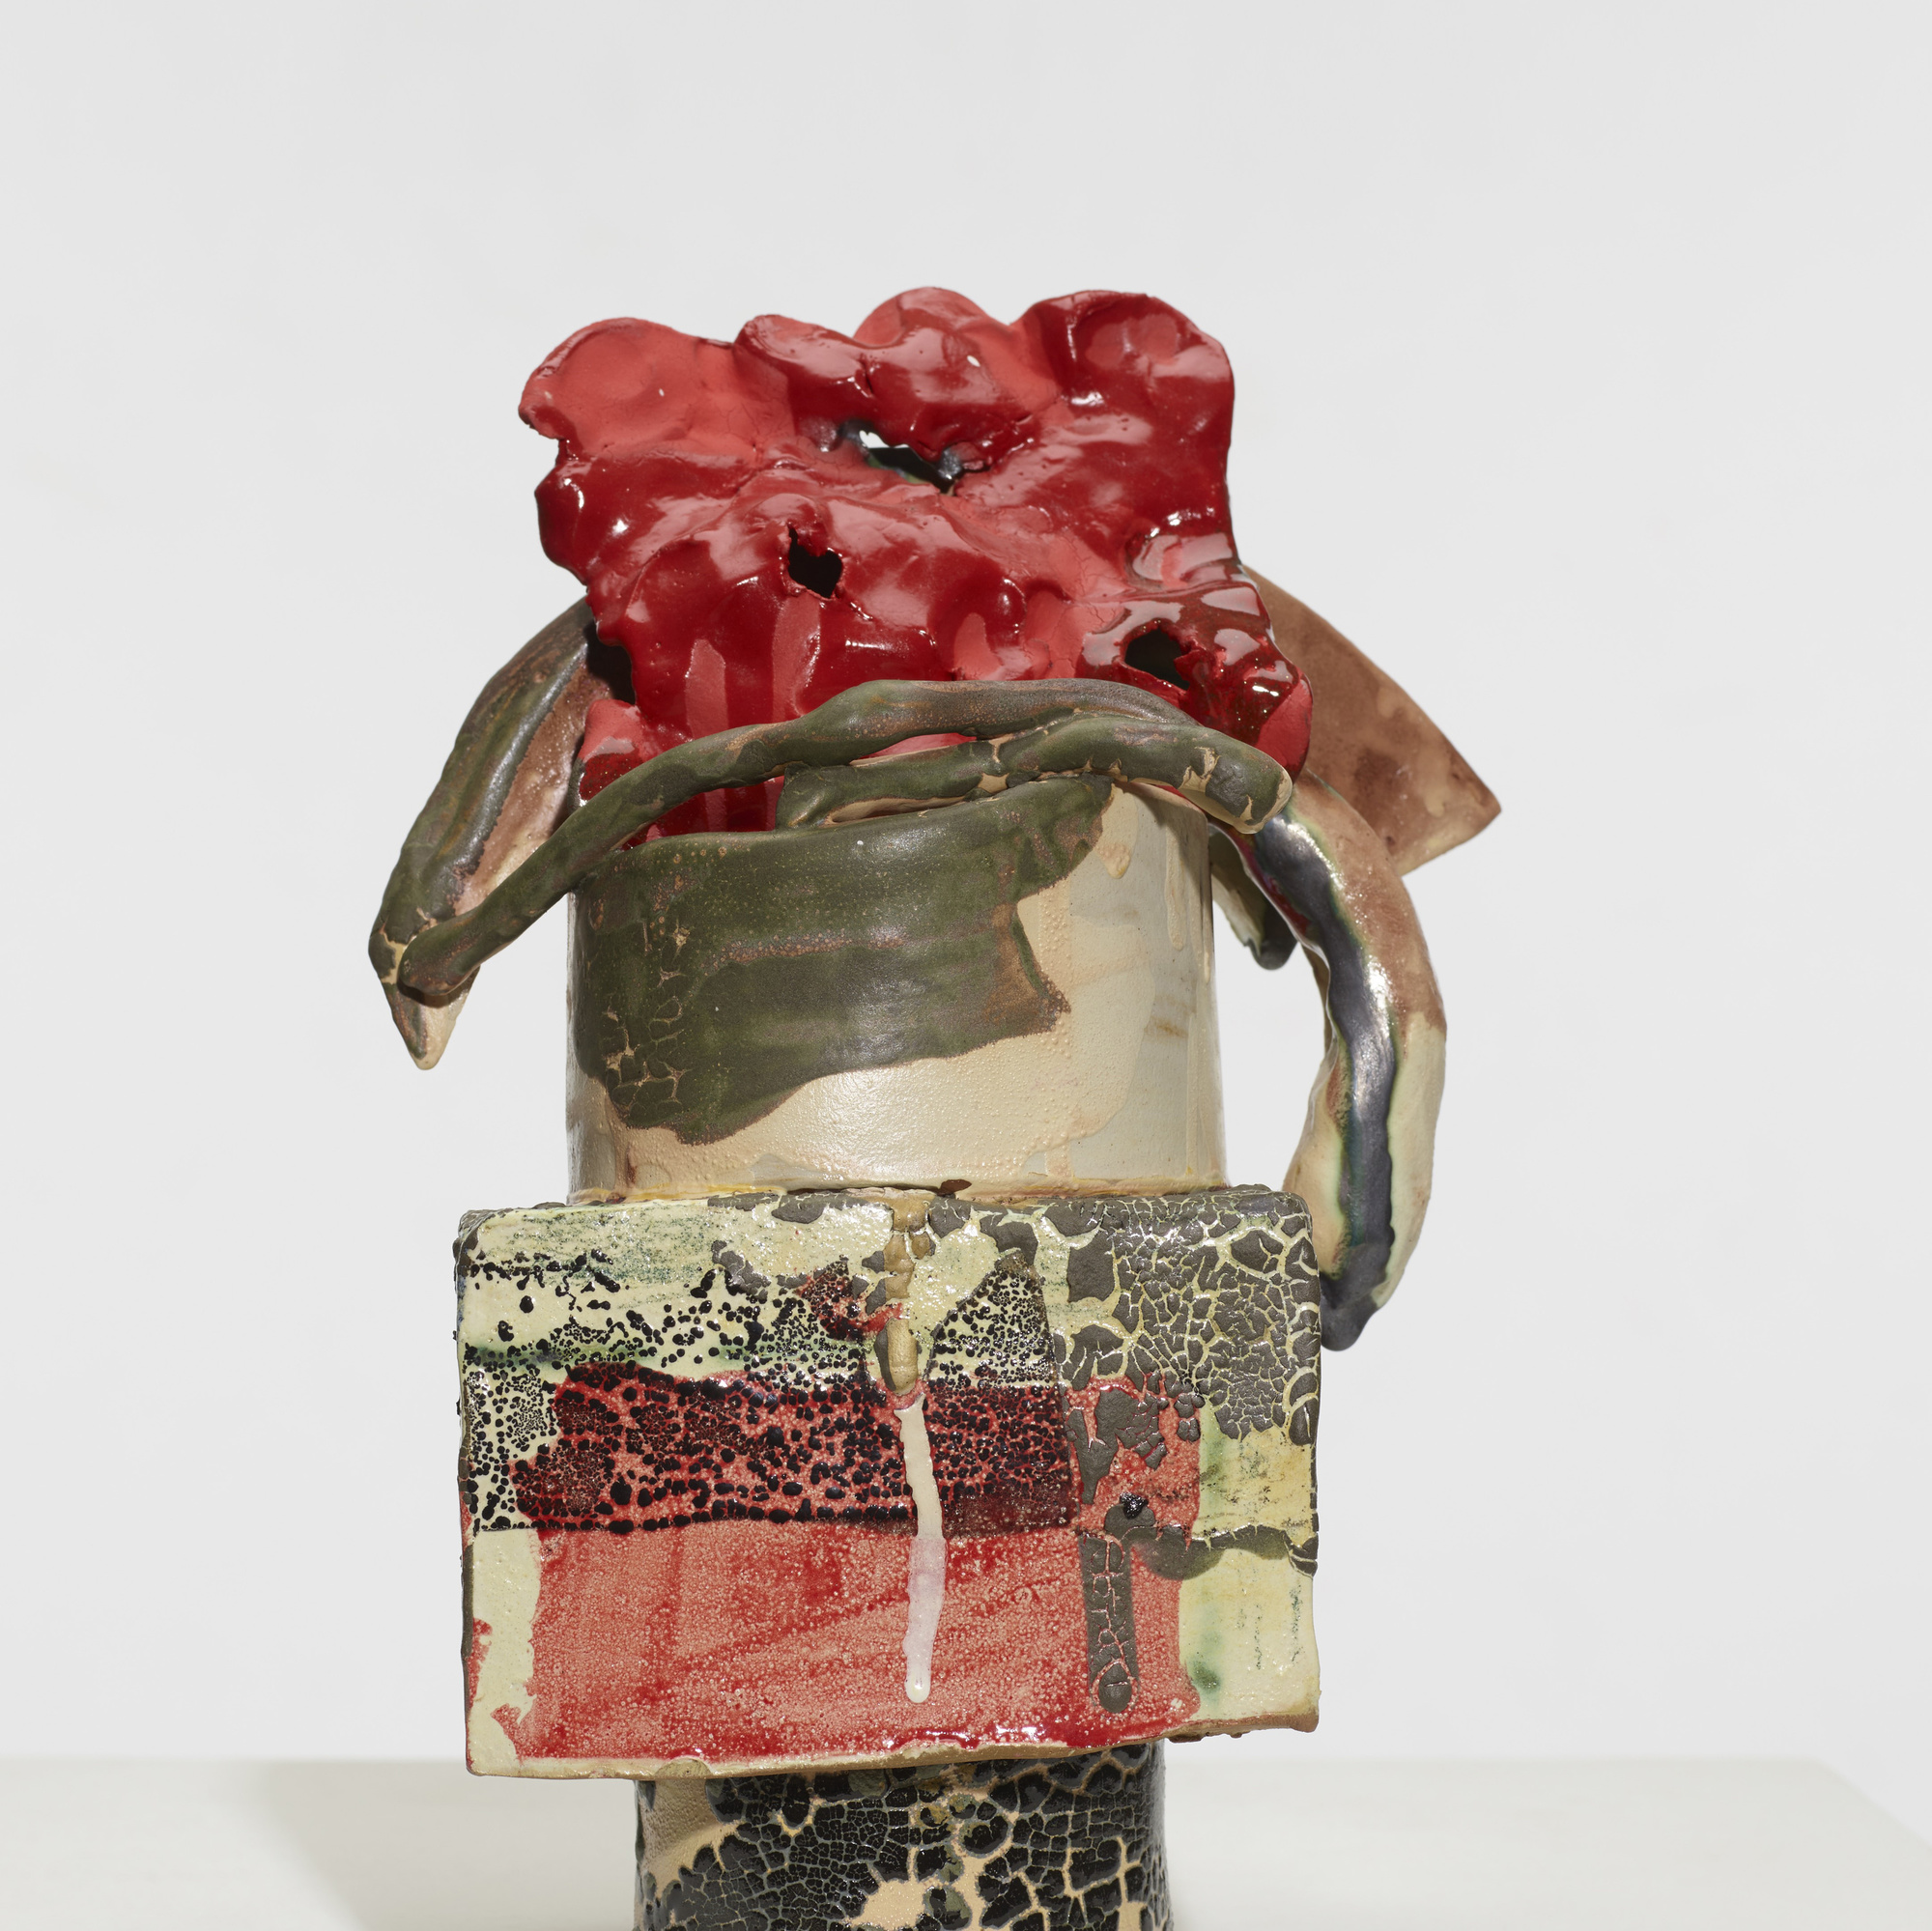 234: Arlene Shechet / Monument for Kippy (3 of 3)